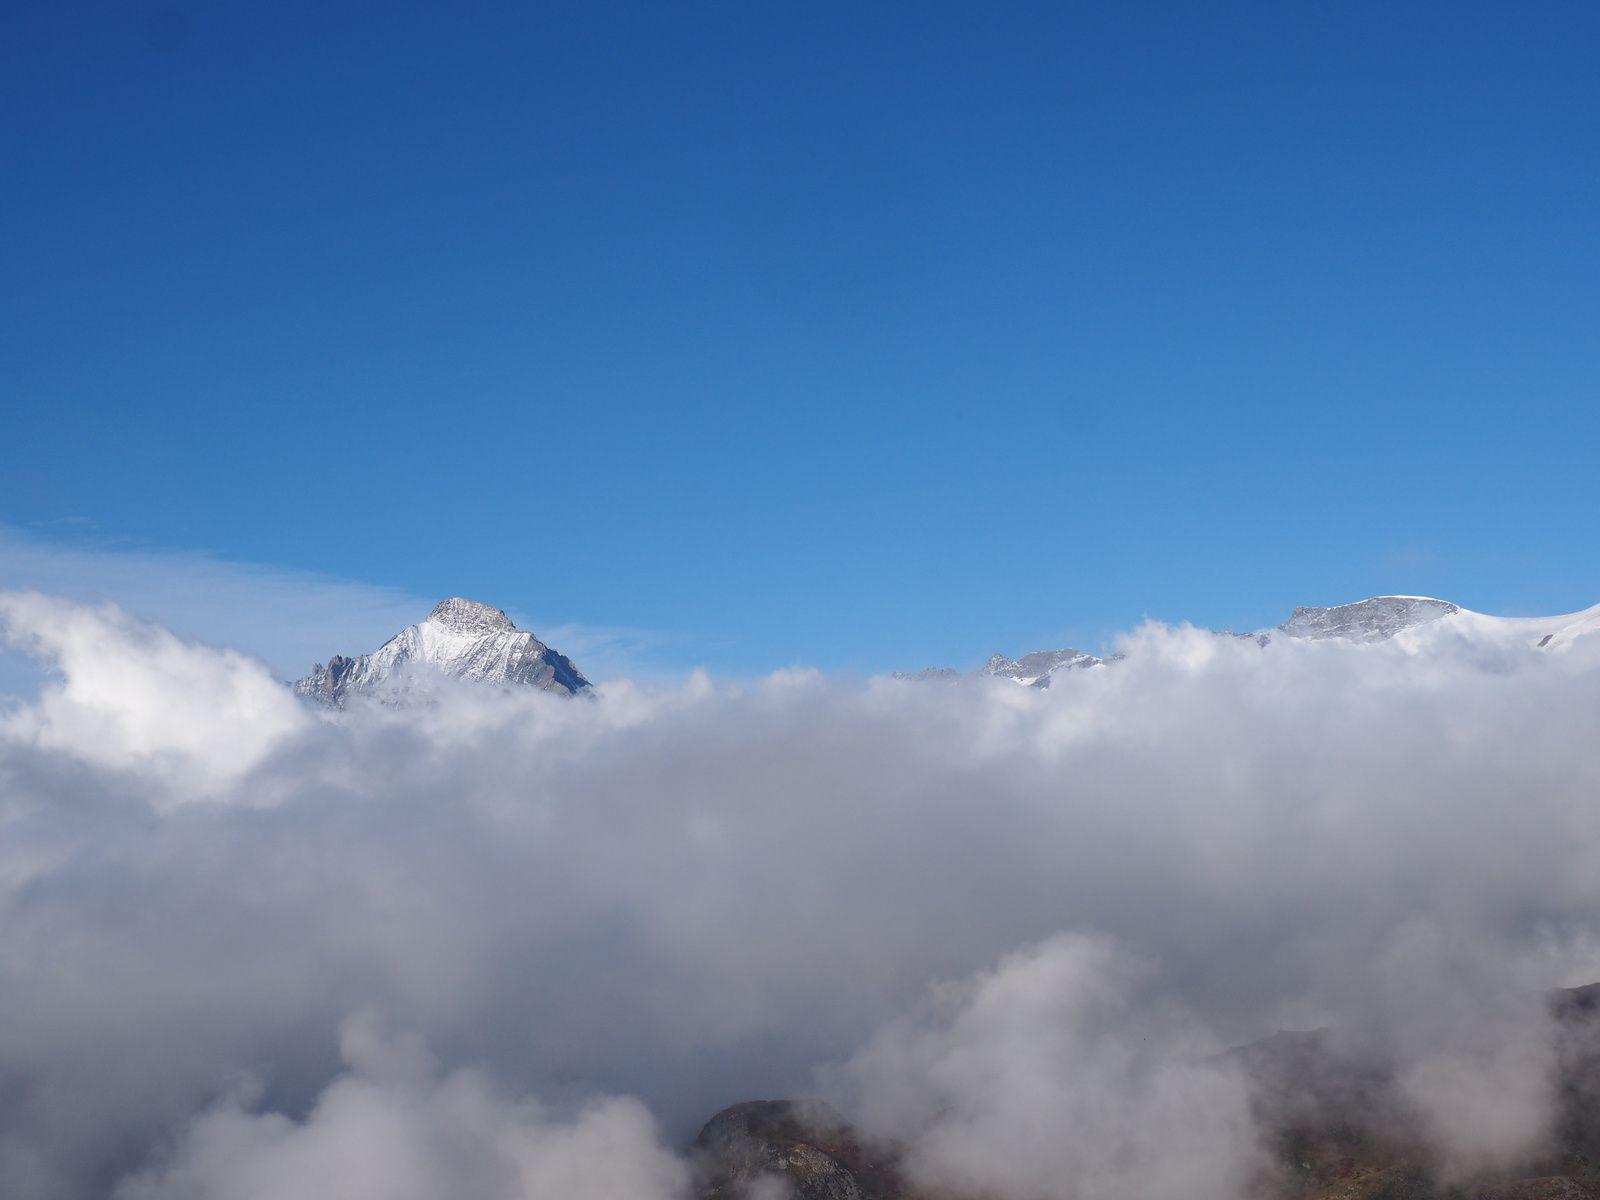 Sa majestueuse dent Parrachée au dessus des nuages.